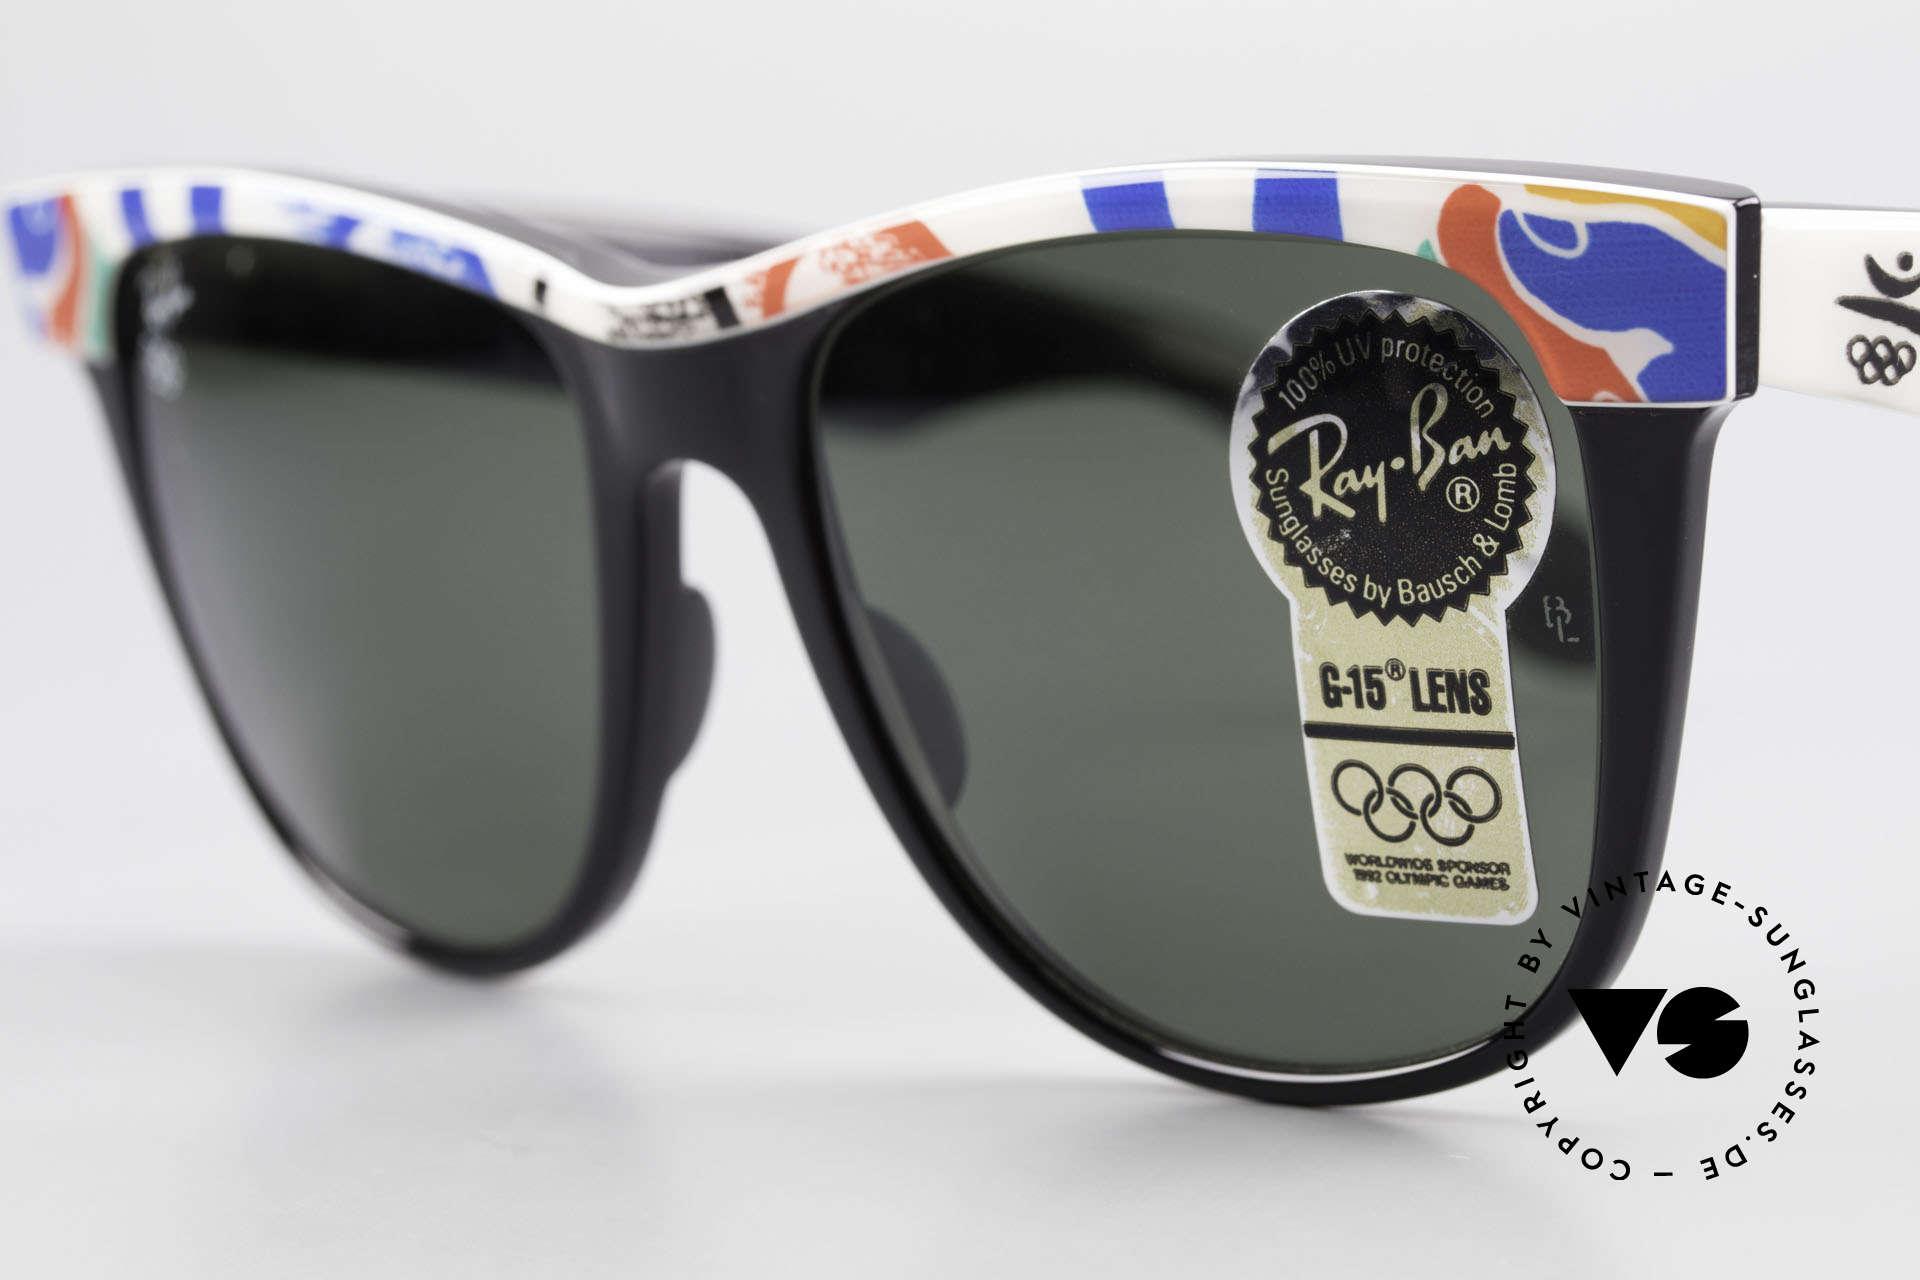 Ray Ban Wayfarer II Olympia Brille 1992 Barcelona, Größe: large, Passend für Herren und Damen